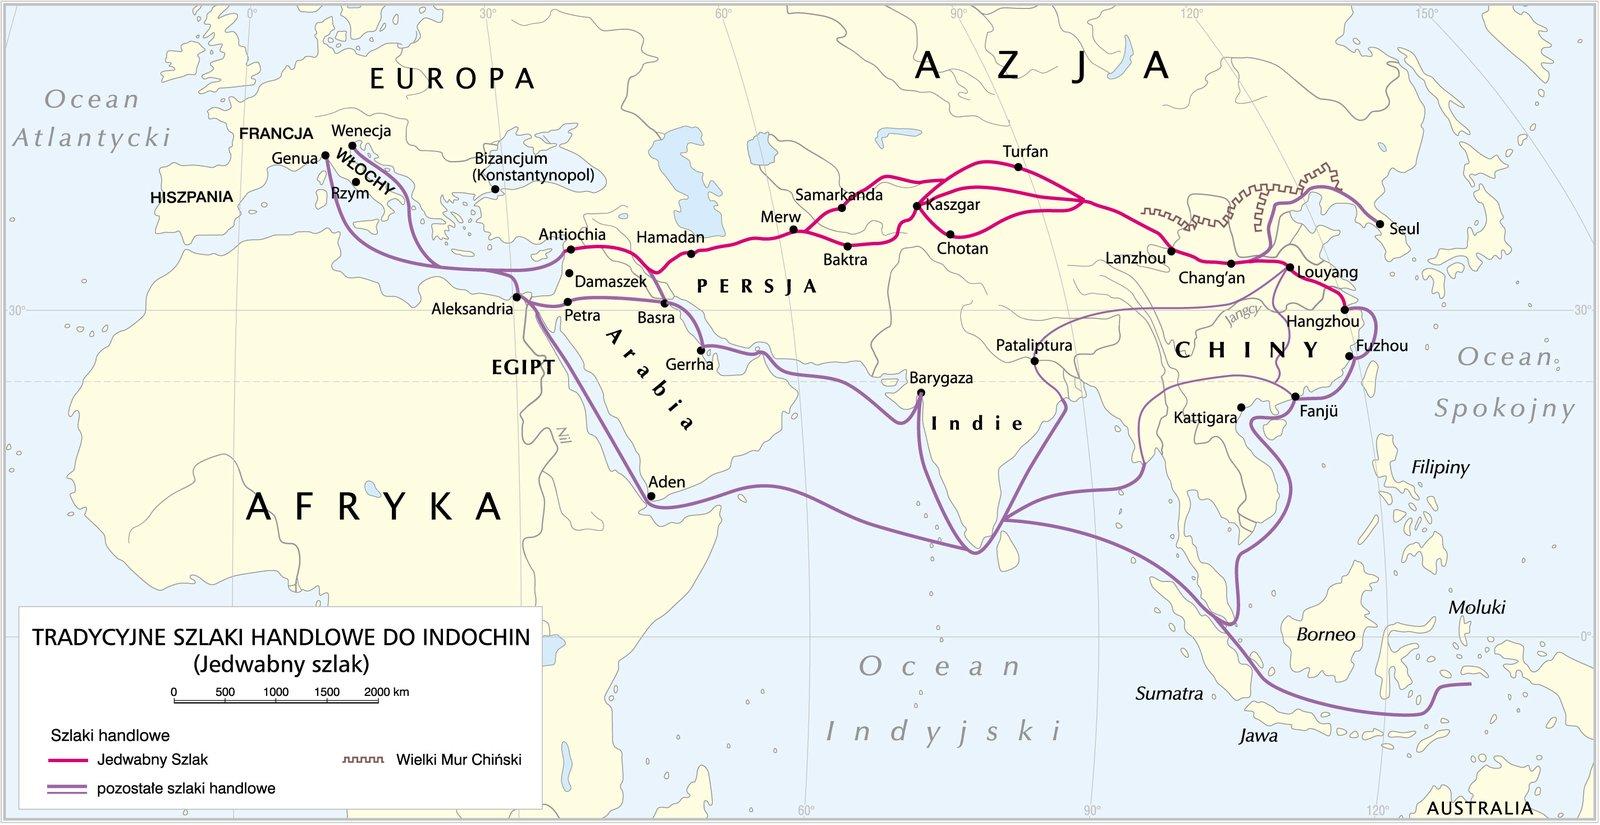 Jedwabny szlak Szlak jedwabny– dawna droga handlowa łącząca Chiny zEuropą iBliskim Wschodem. Szlak miał długość ok. 12 tys. km. Źródło: Krystian Chariza izespół, Jedwabny szlak.